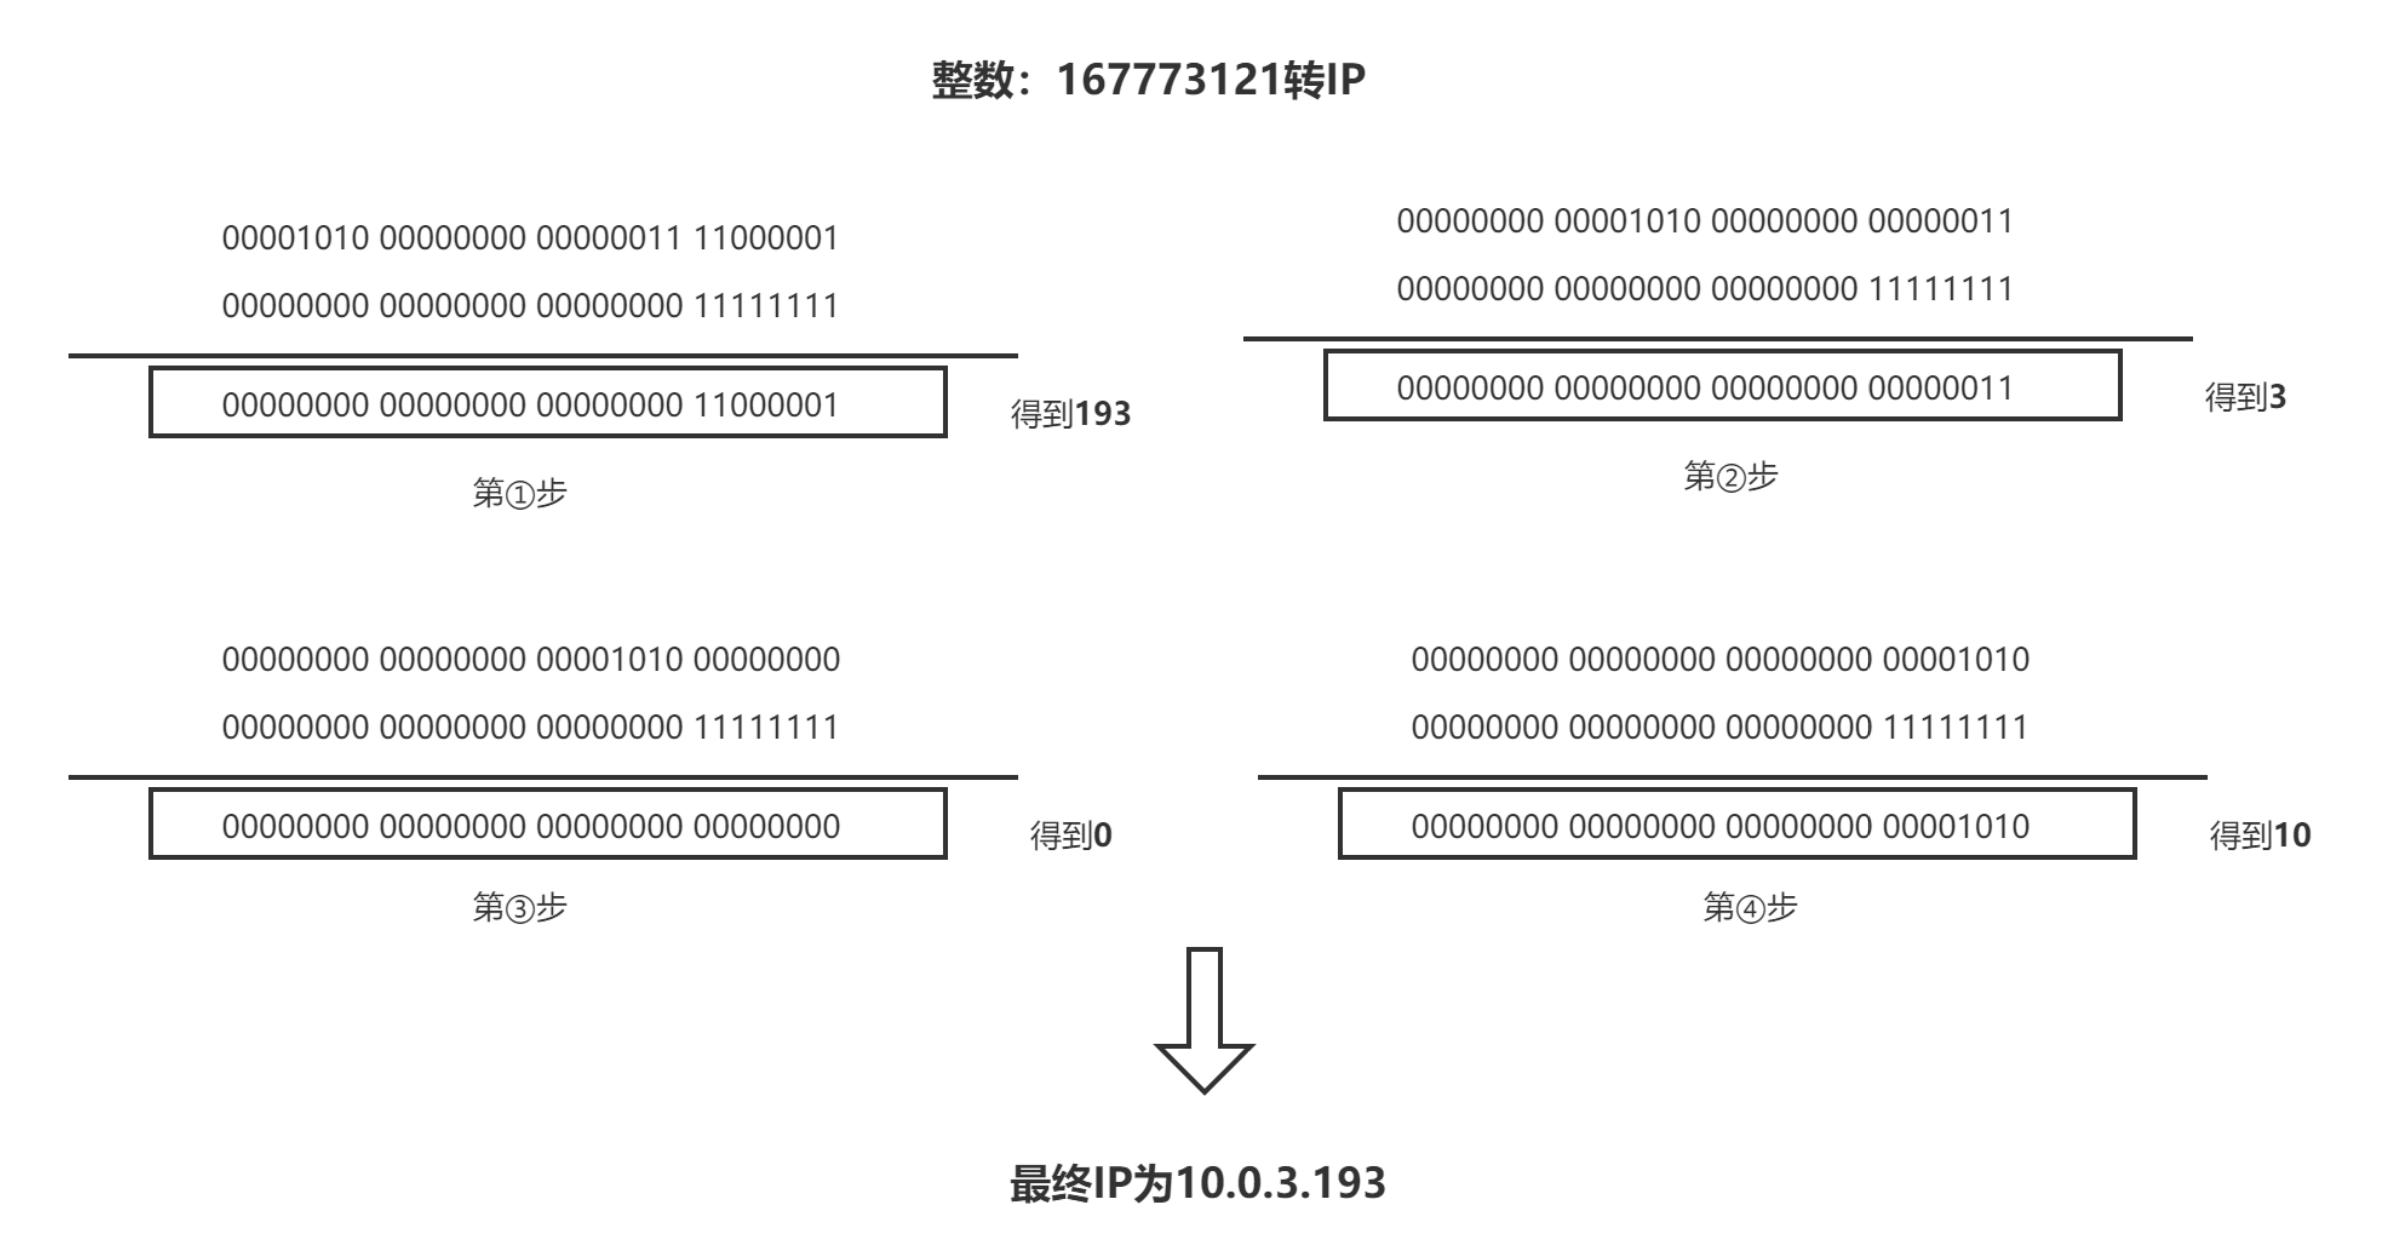 整数转IP的示意图